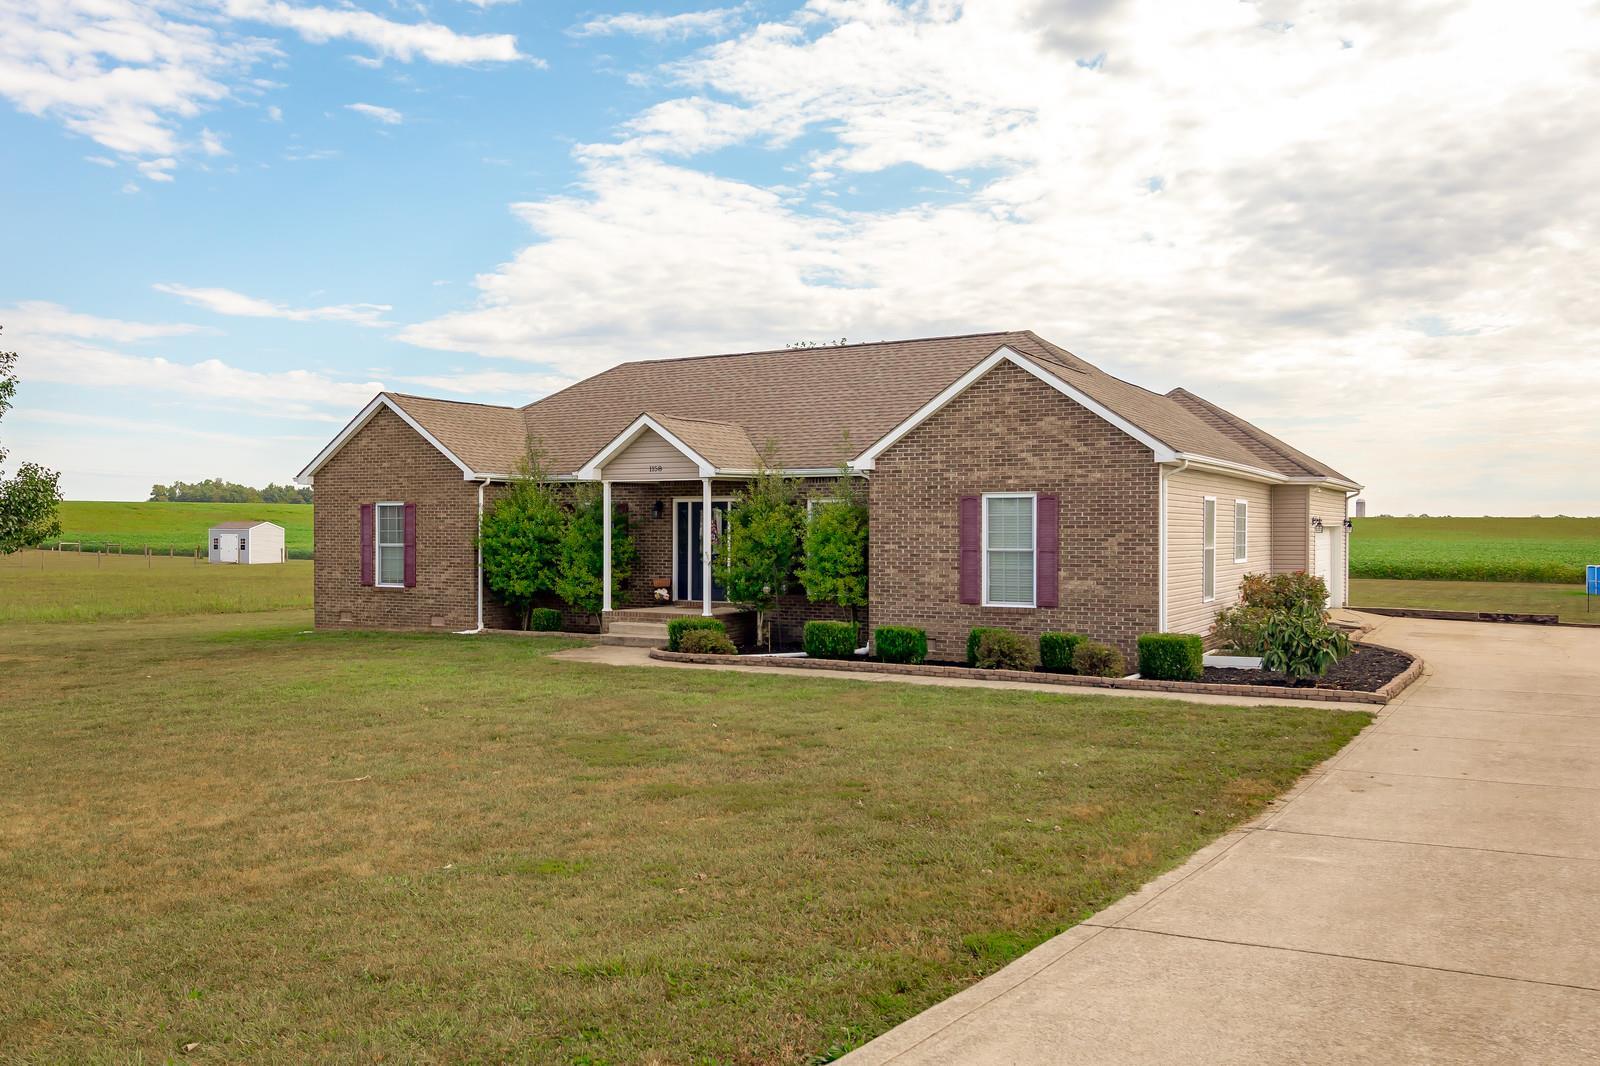 1158 Mason Ln, Pembroke, KY 42266 - Pembroke, KY real estate listing